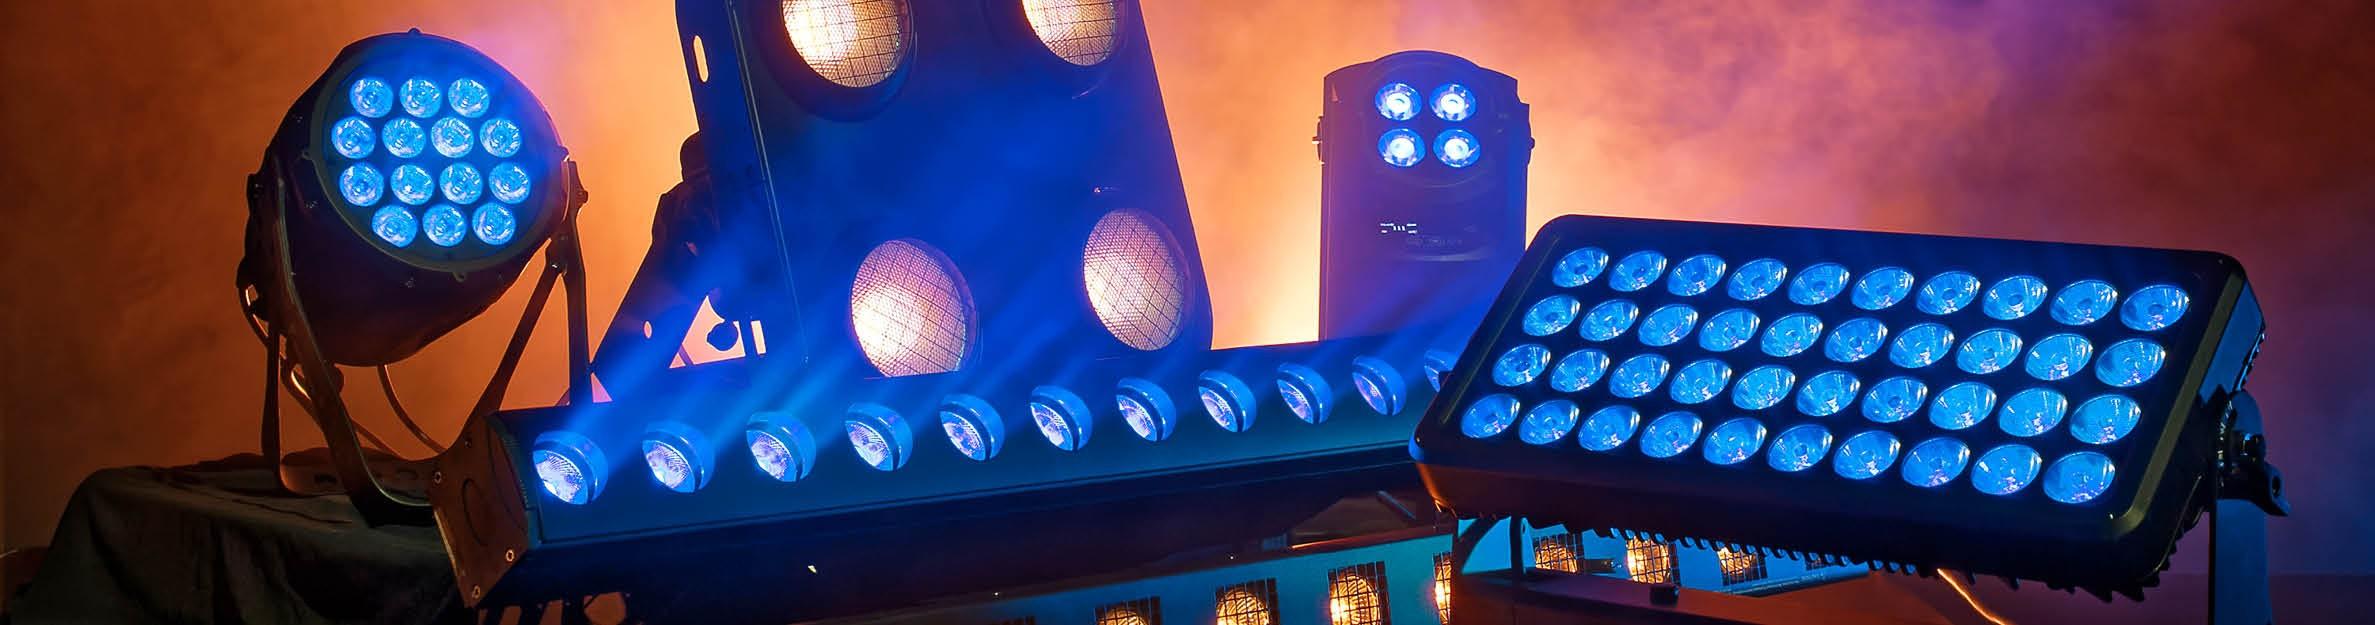 Showtec: illuminazione per l'intrattenimento ed effetti scenici